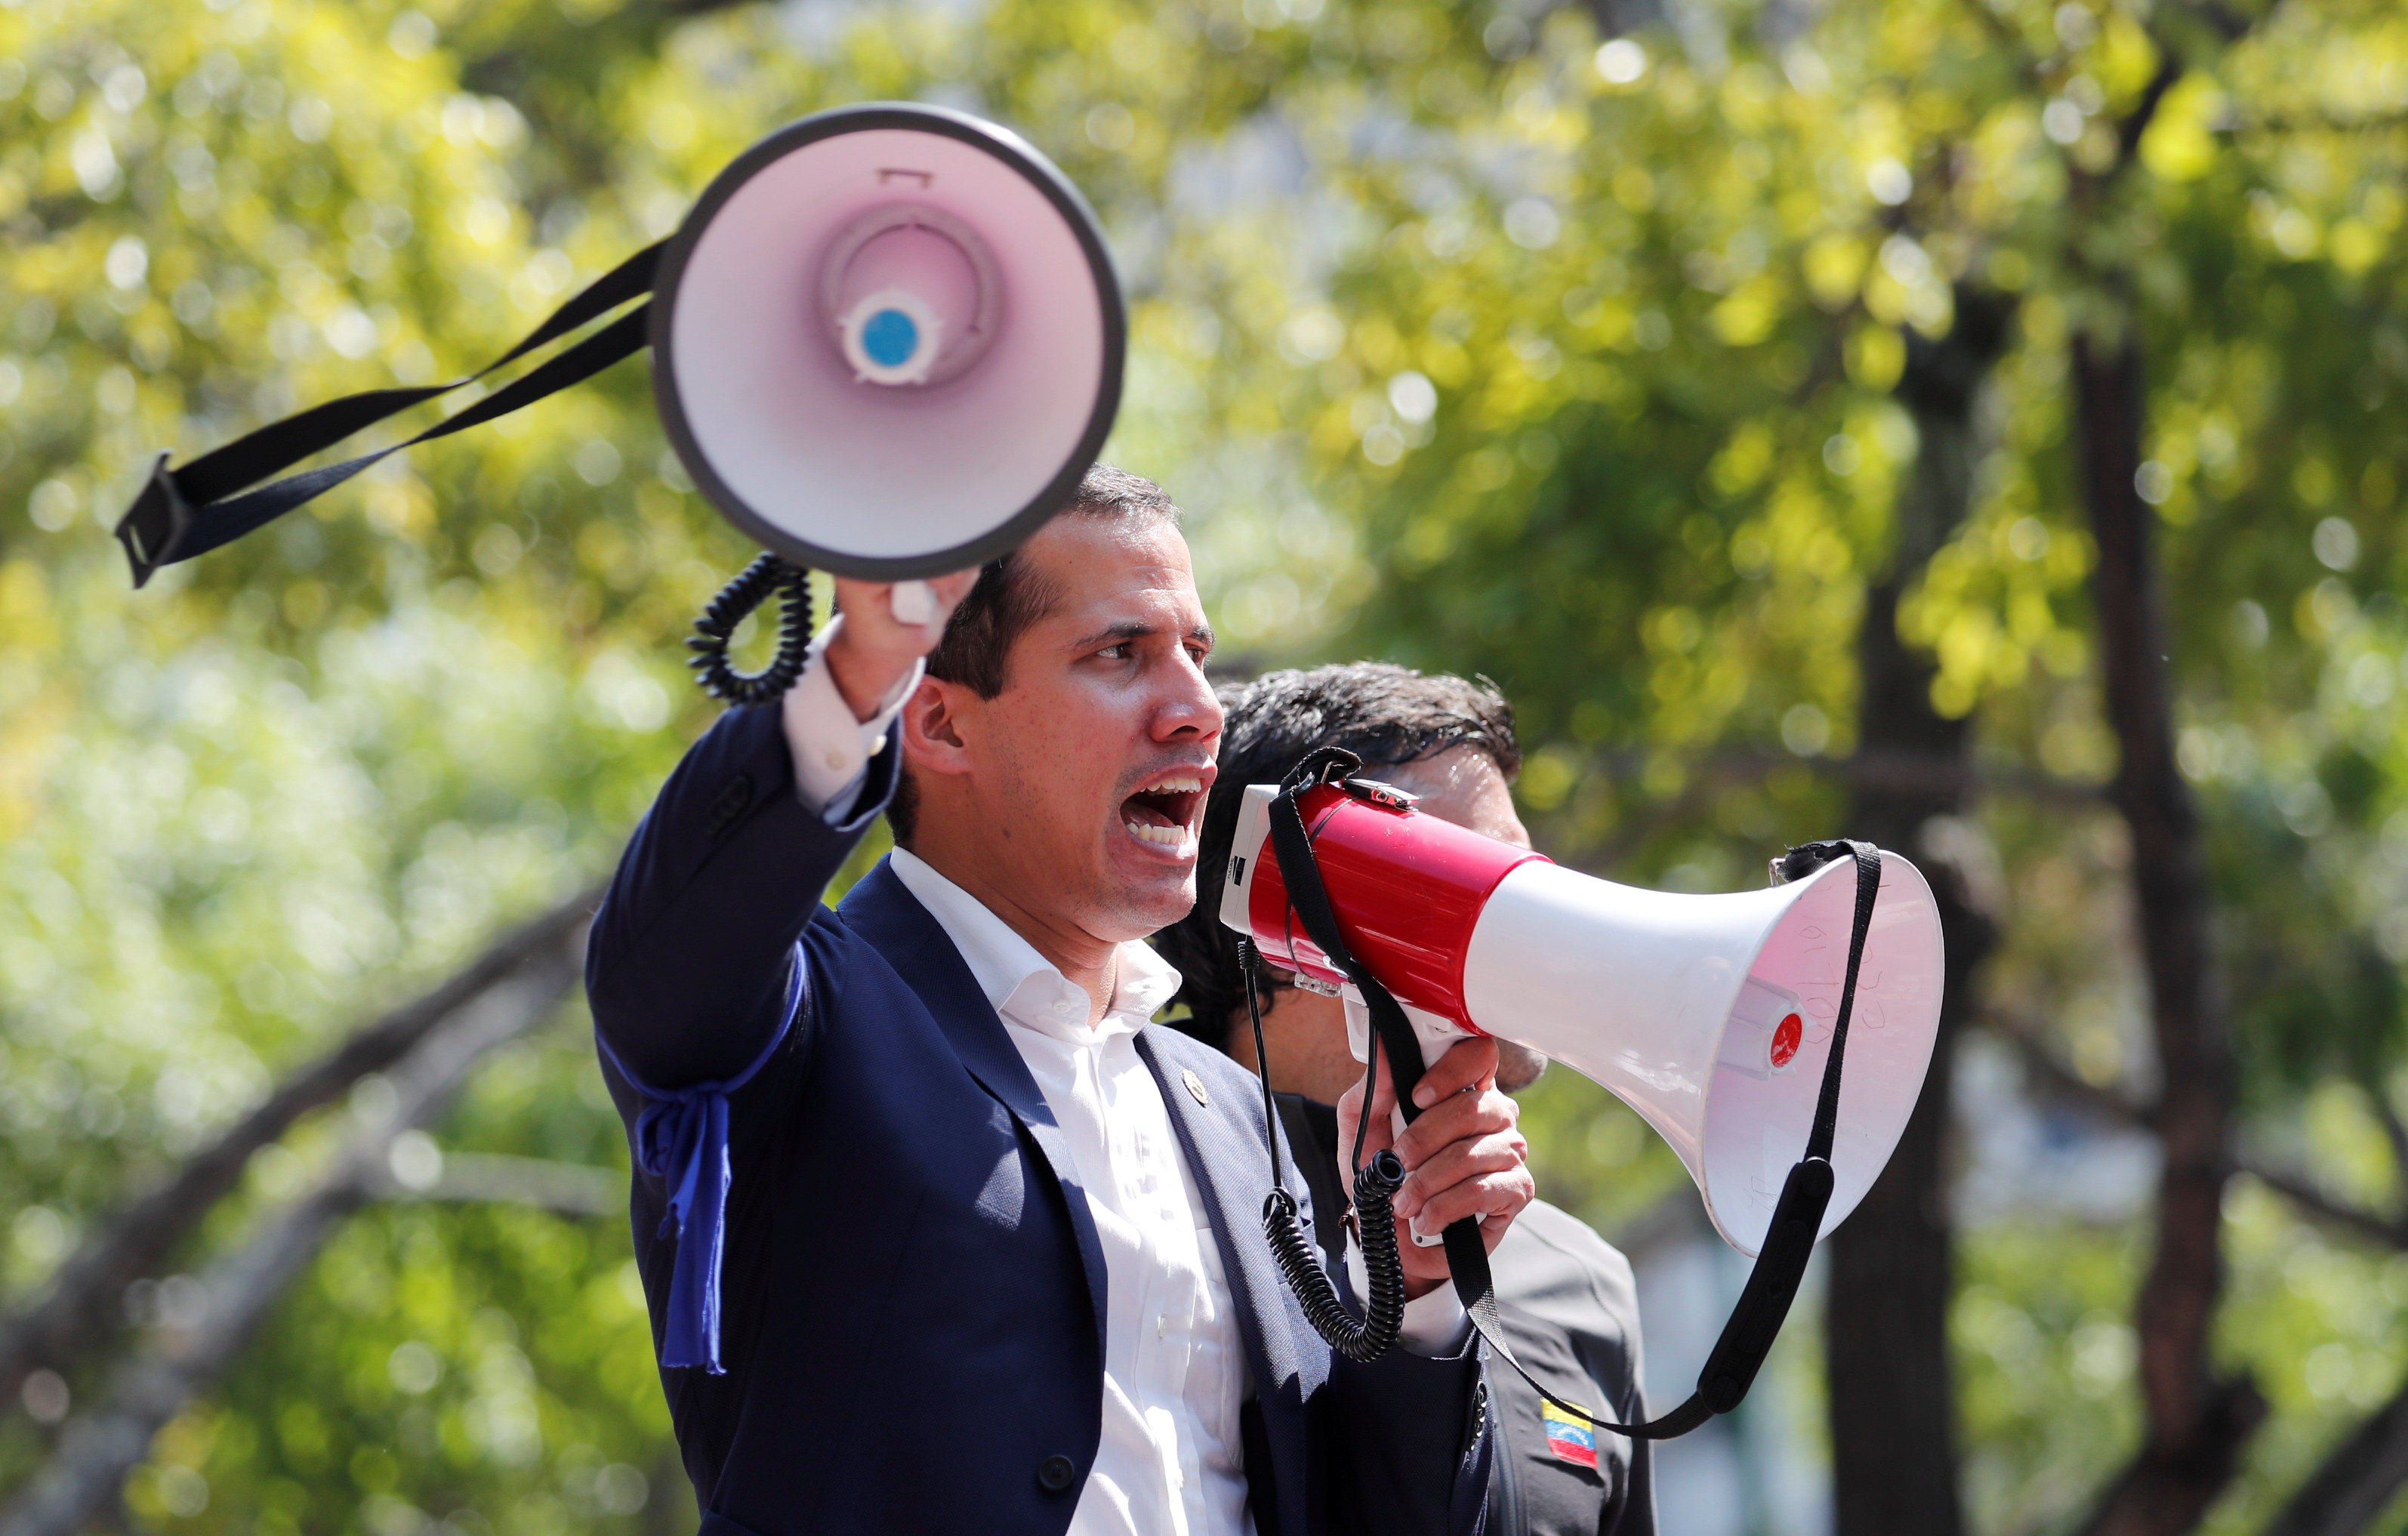 El líder de oposición Juan Guaidó ha sido reconocido como el presidente interino legítimo de Venezuela por diversas naciones. En esta foto, Guaidó cambia de megáfono para proclamarse ante una multitud (Reuters)